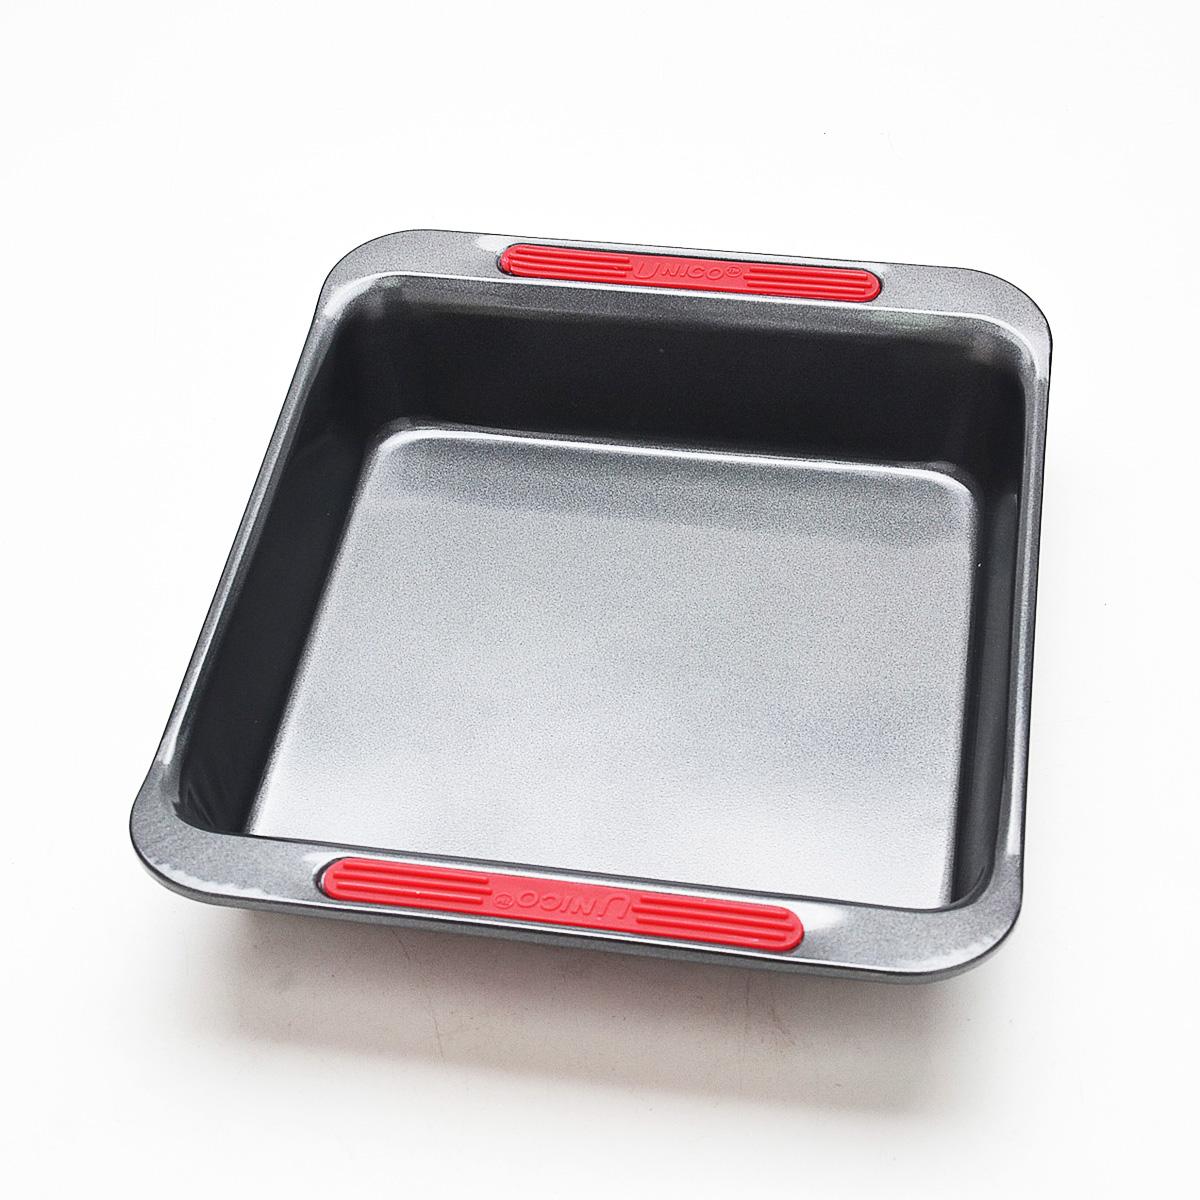 Форма для выпечки Mayer & Boch, прямоугольная, с антипригарным покрытием, цвет: серый, 31 см х 25,3 см. 2191621916Форма для выпечки Mayer & Boch изготовлена из высококачественной стали с внутренним антипригарным покрытием. Такое покрытие препятствует пригоранию, обеспечивает легкую очистку изделия и исключает необходимость использования большого количества масла, что способствует приготовлению здоровой пищи с пониженной калорийностью. Форма оснащена двумя удобными ручками с силиконовыми вставками. Выпечка легко извлекается из такой формы. Изделие предназначено для запекания овощей, мяса, рыбы, а также для выпечки различных десертов. С такой формой вы всегда сможете порадовать своих близких оригинальной выпечкой. Подходит для духового шкафа. Нельзя мыть в посудомоечной машине.